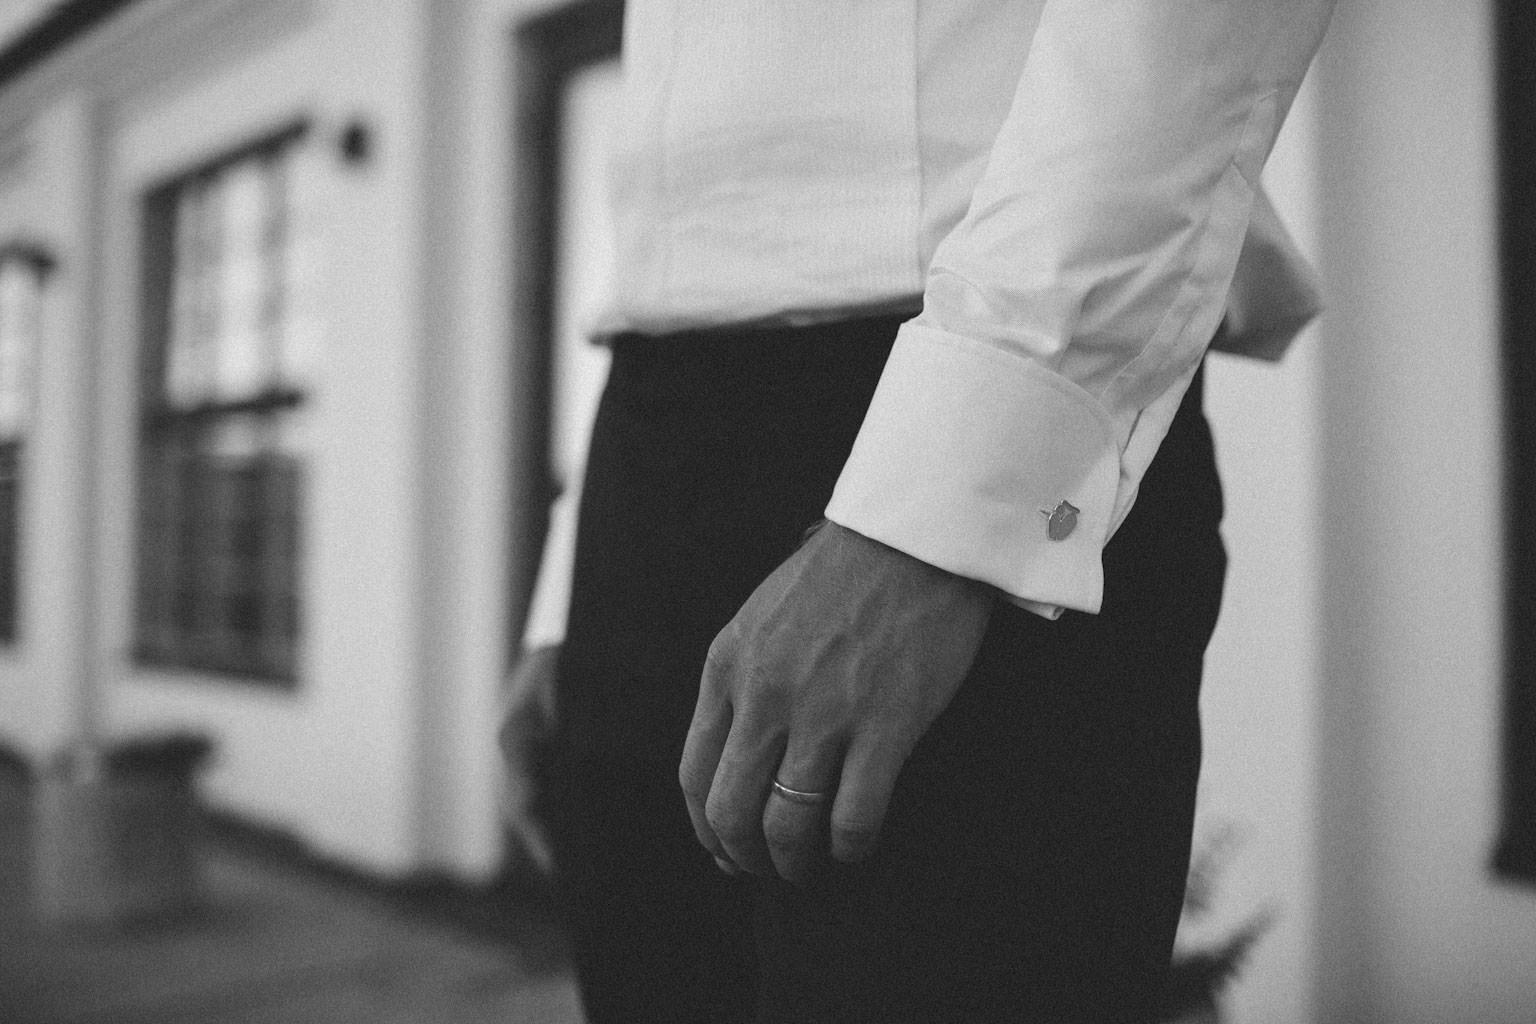 Detalj på manschettknapp på brudgum. Plats är Norrgavelhuset, Kafferosteriet på Österlen. Kläder är från Oscar Jacobsson. Foto: Tove Lundquist, verksam bröllopsfotograf i Skåne.